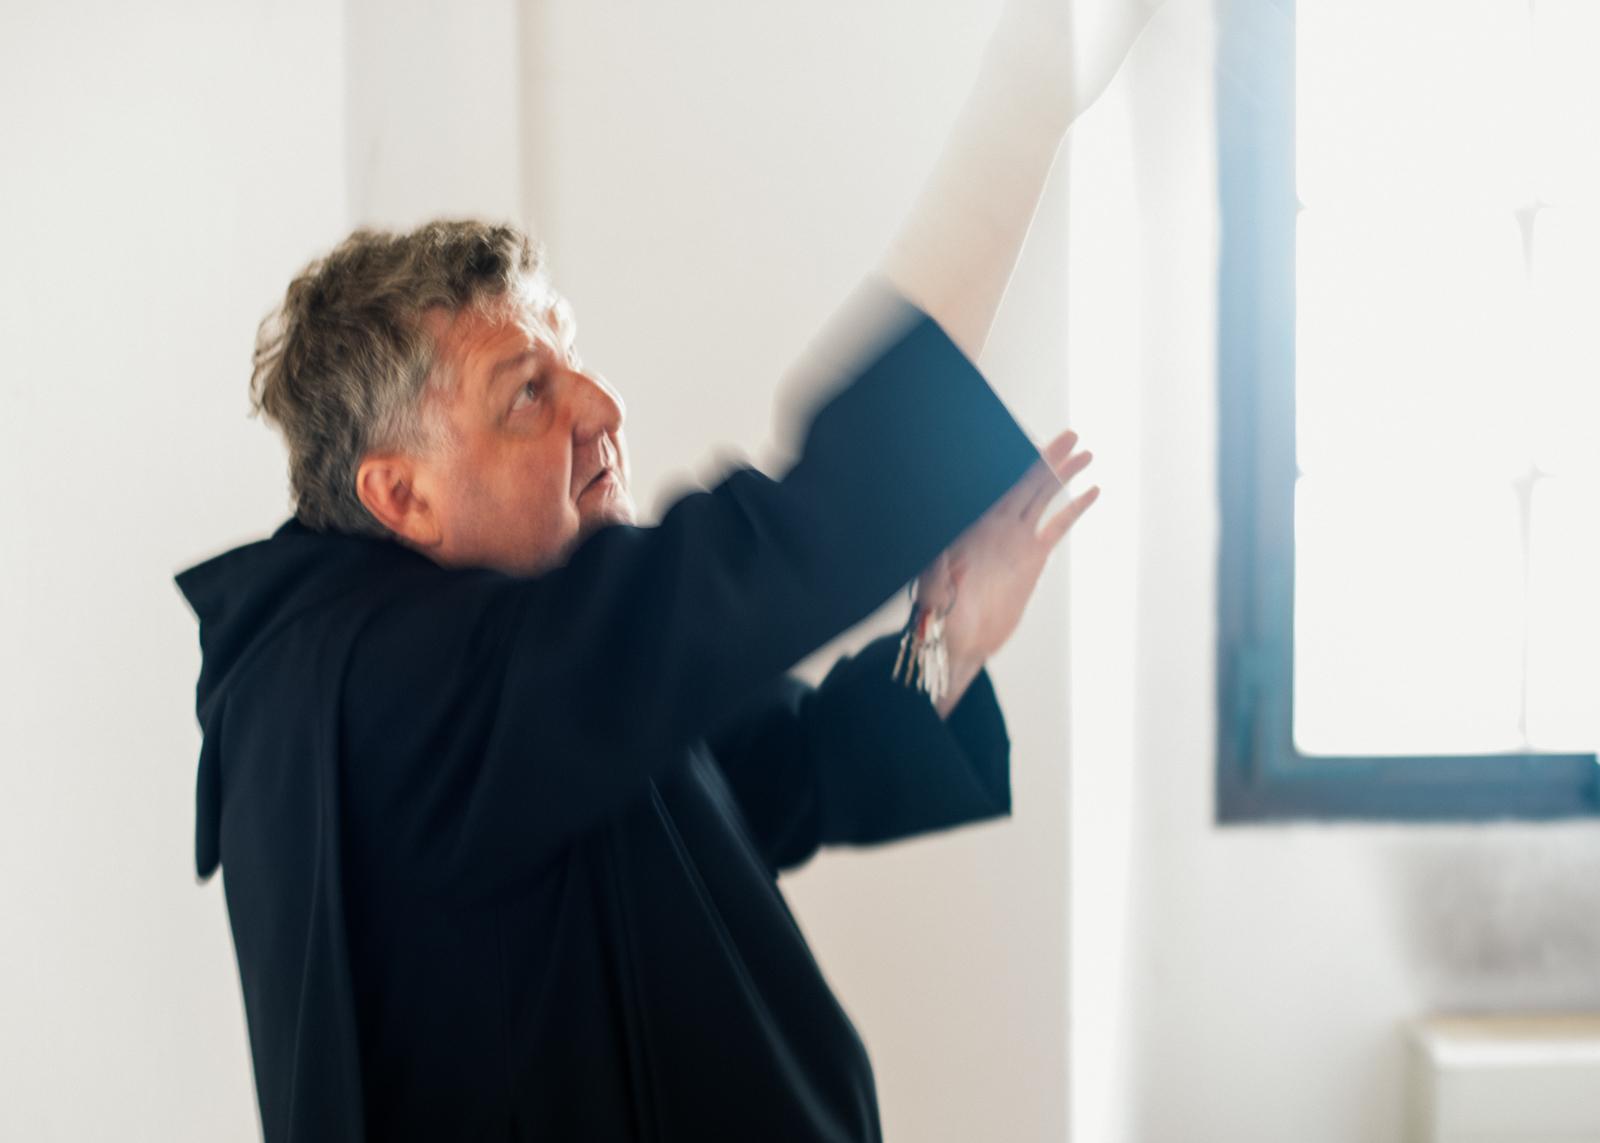 monk explaining the ceiling fresco in the monastery